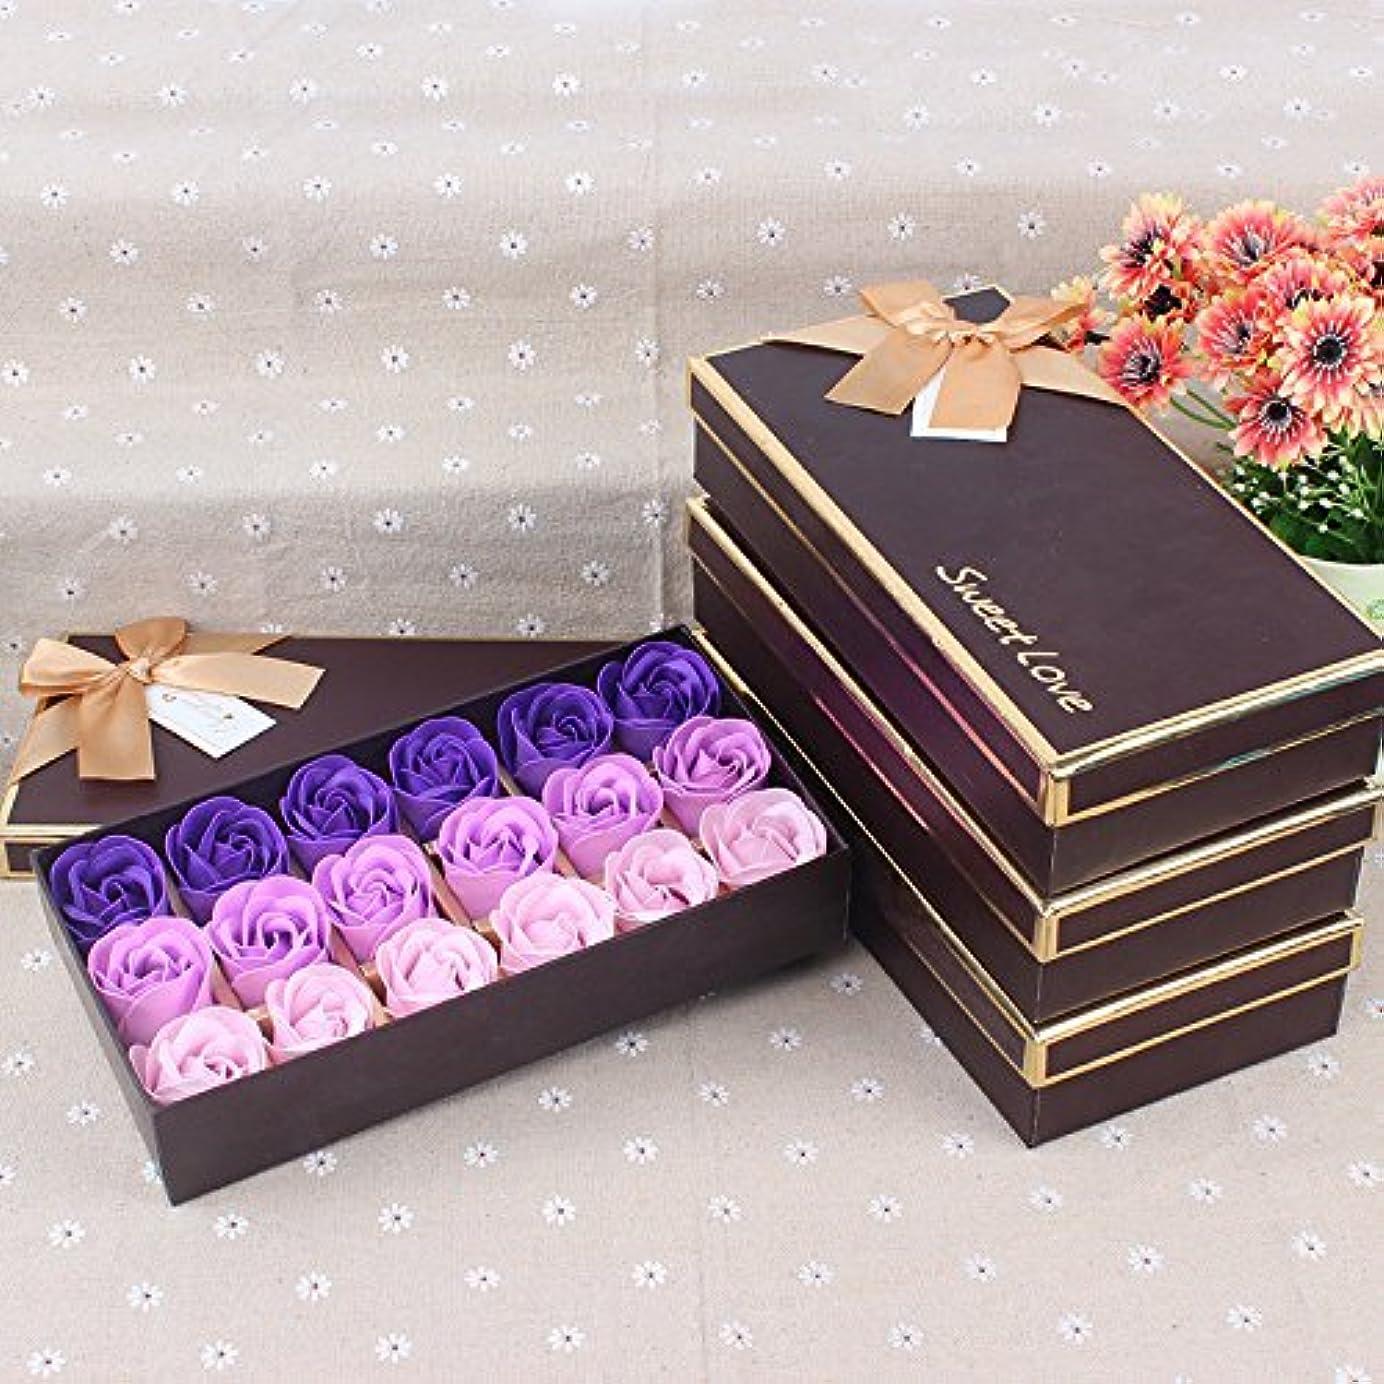 勉強するグラフ引き出しWeryn(TM)結婚式のためのギフトボックスバレンタインデーの愛の贈り物で18バラセット香りの入浴ソープローズソープ花びら[Purplegradient]